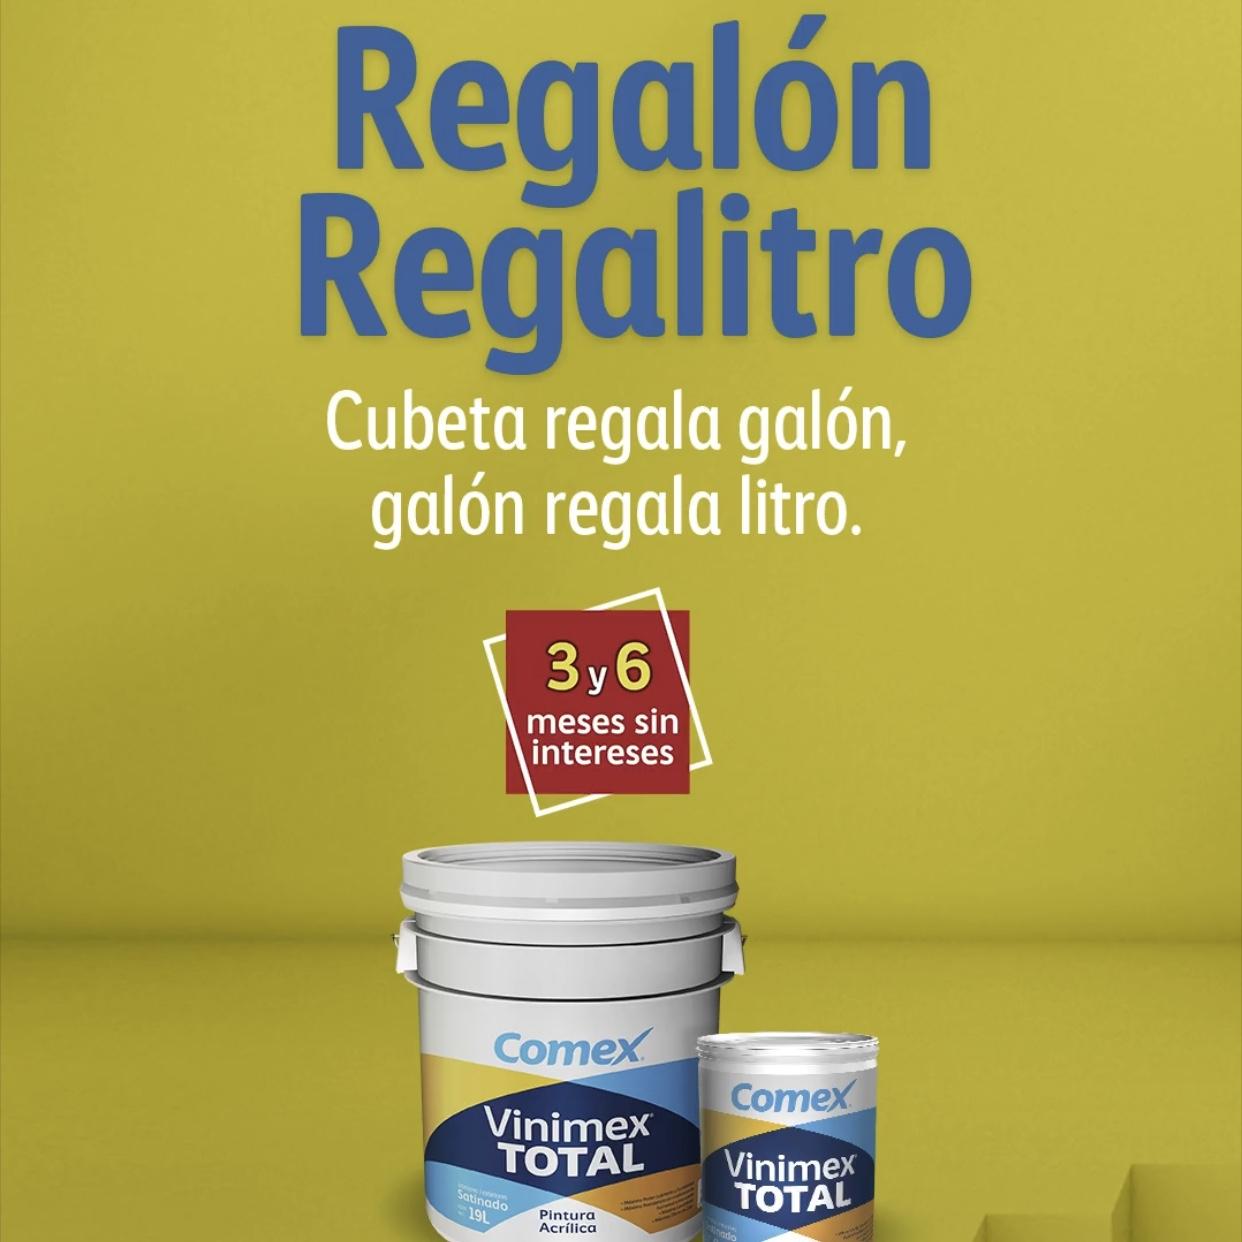 Comex: Regalón Regalitro